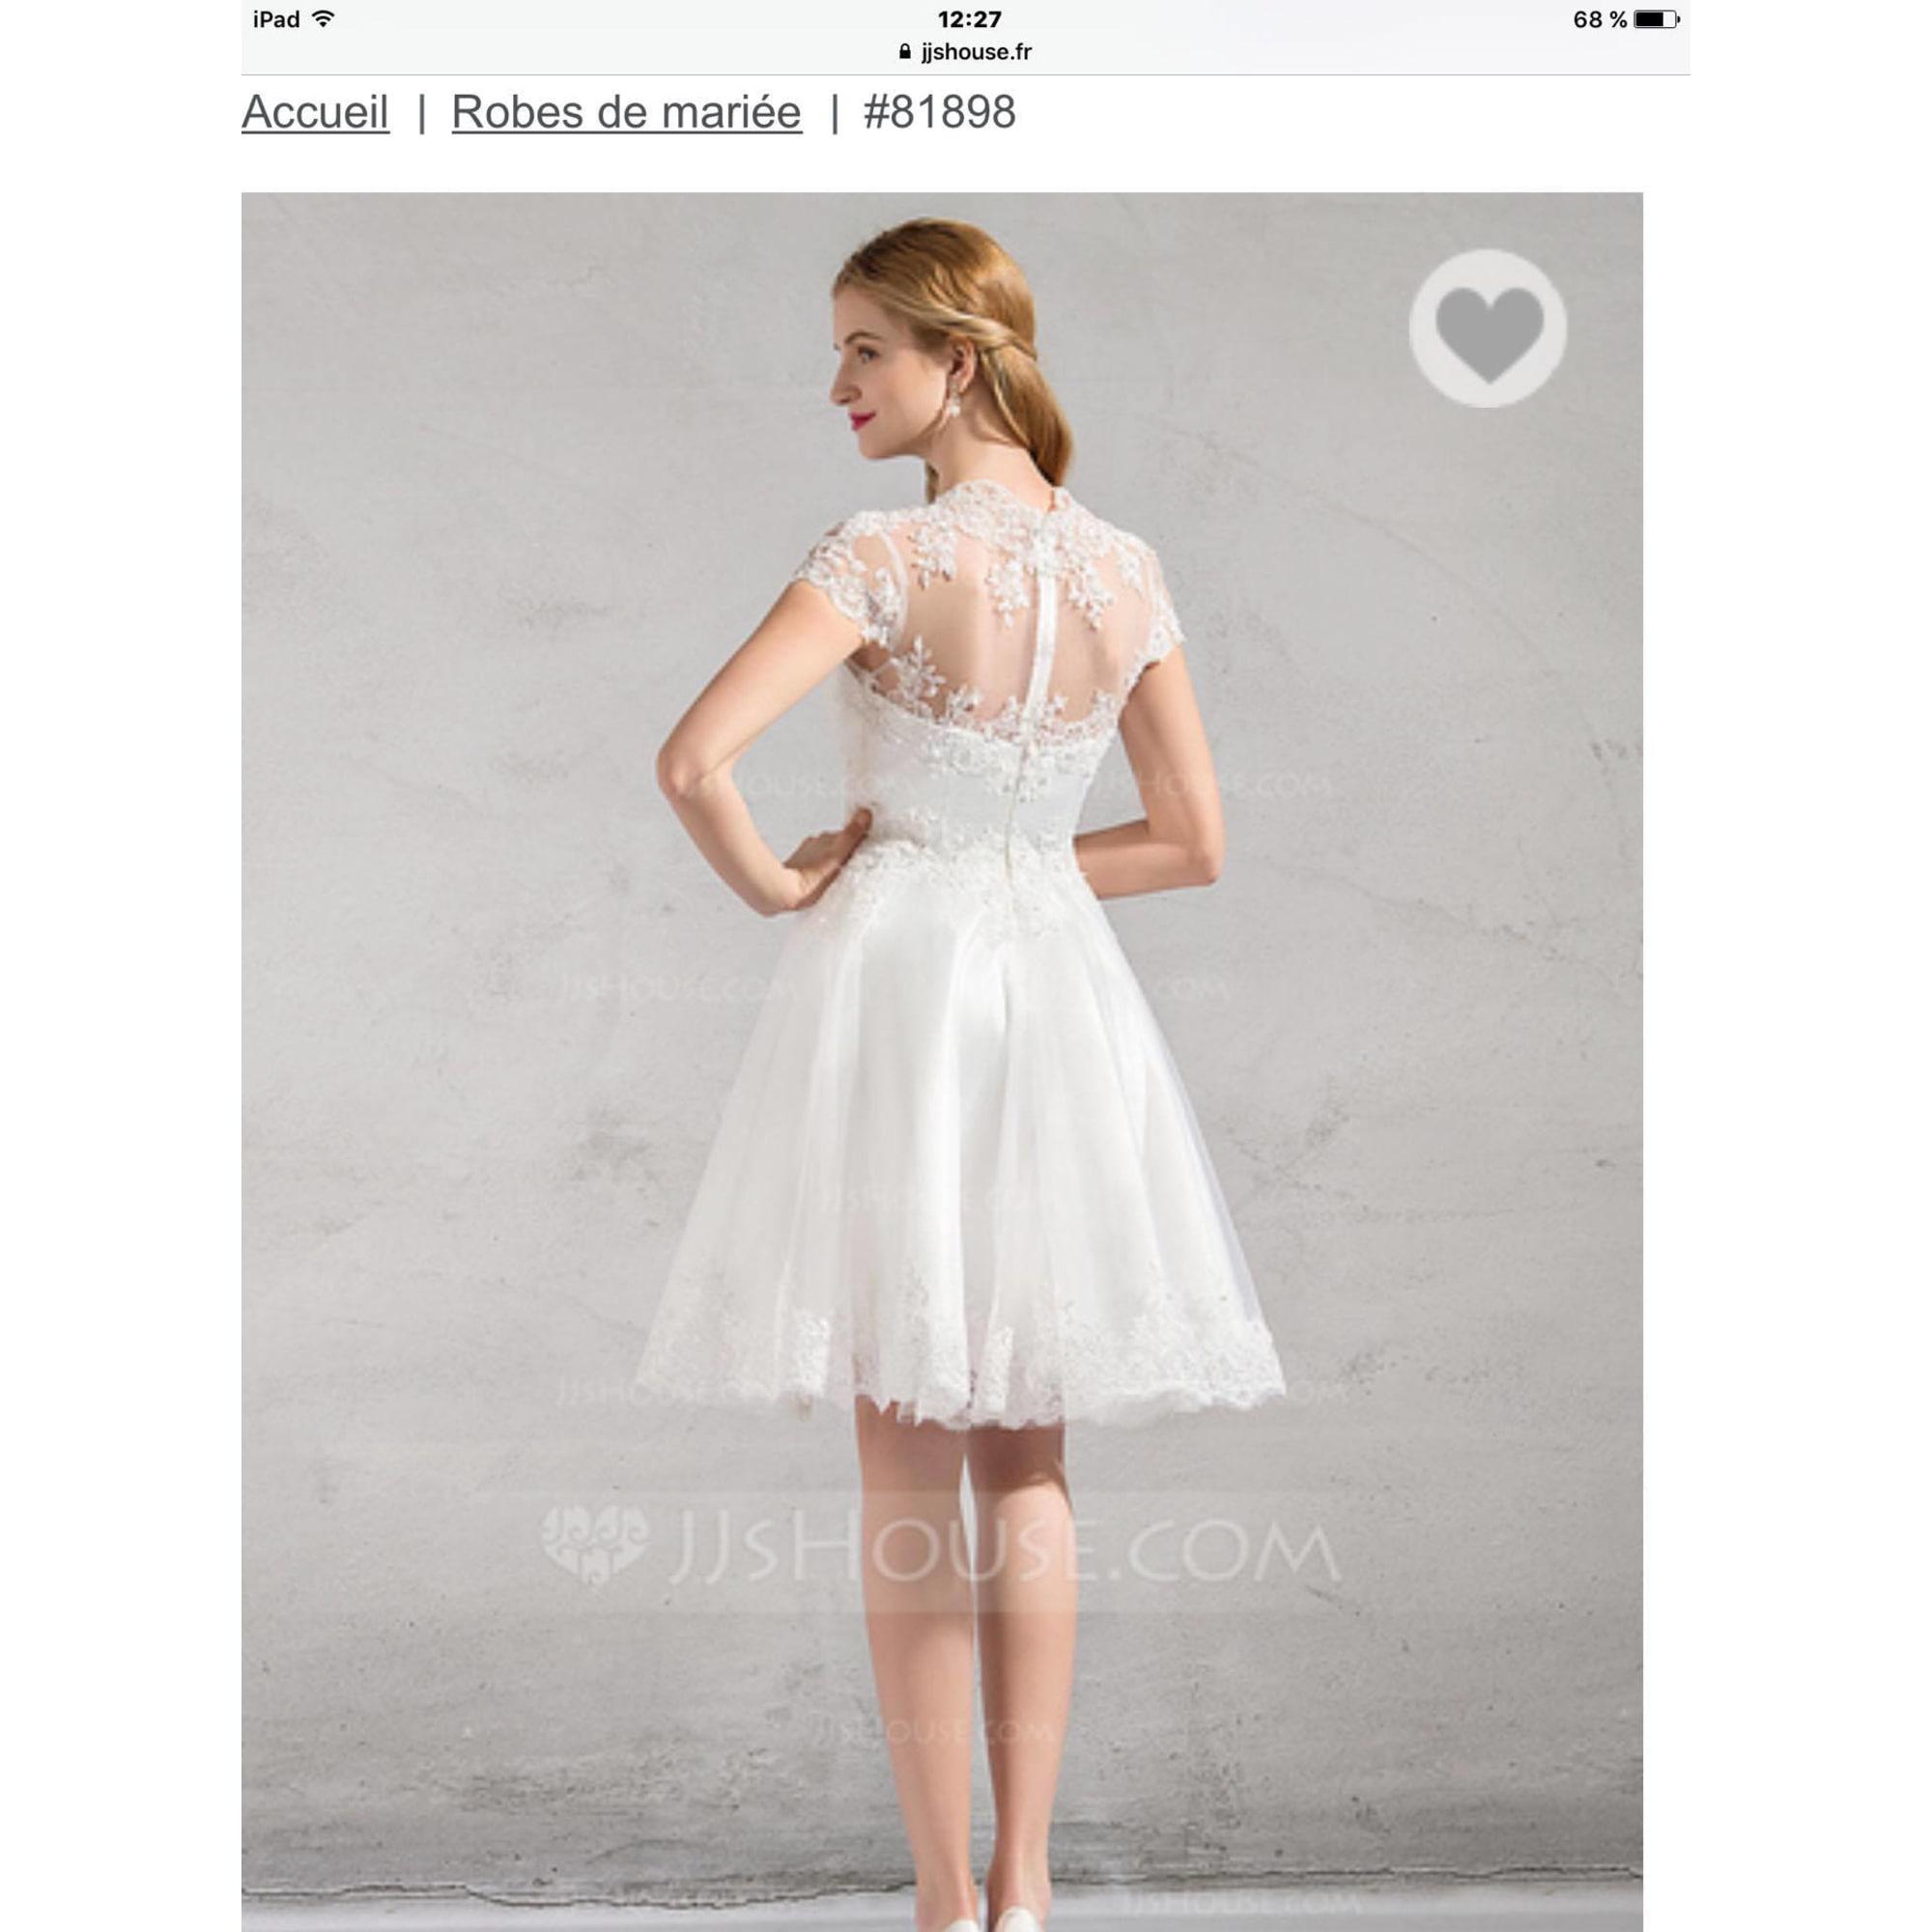 Robe de mariée JJSHOUSE 36 (S, T1) blanc vendu par Slgreen - 6539549 9c1e3348b49